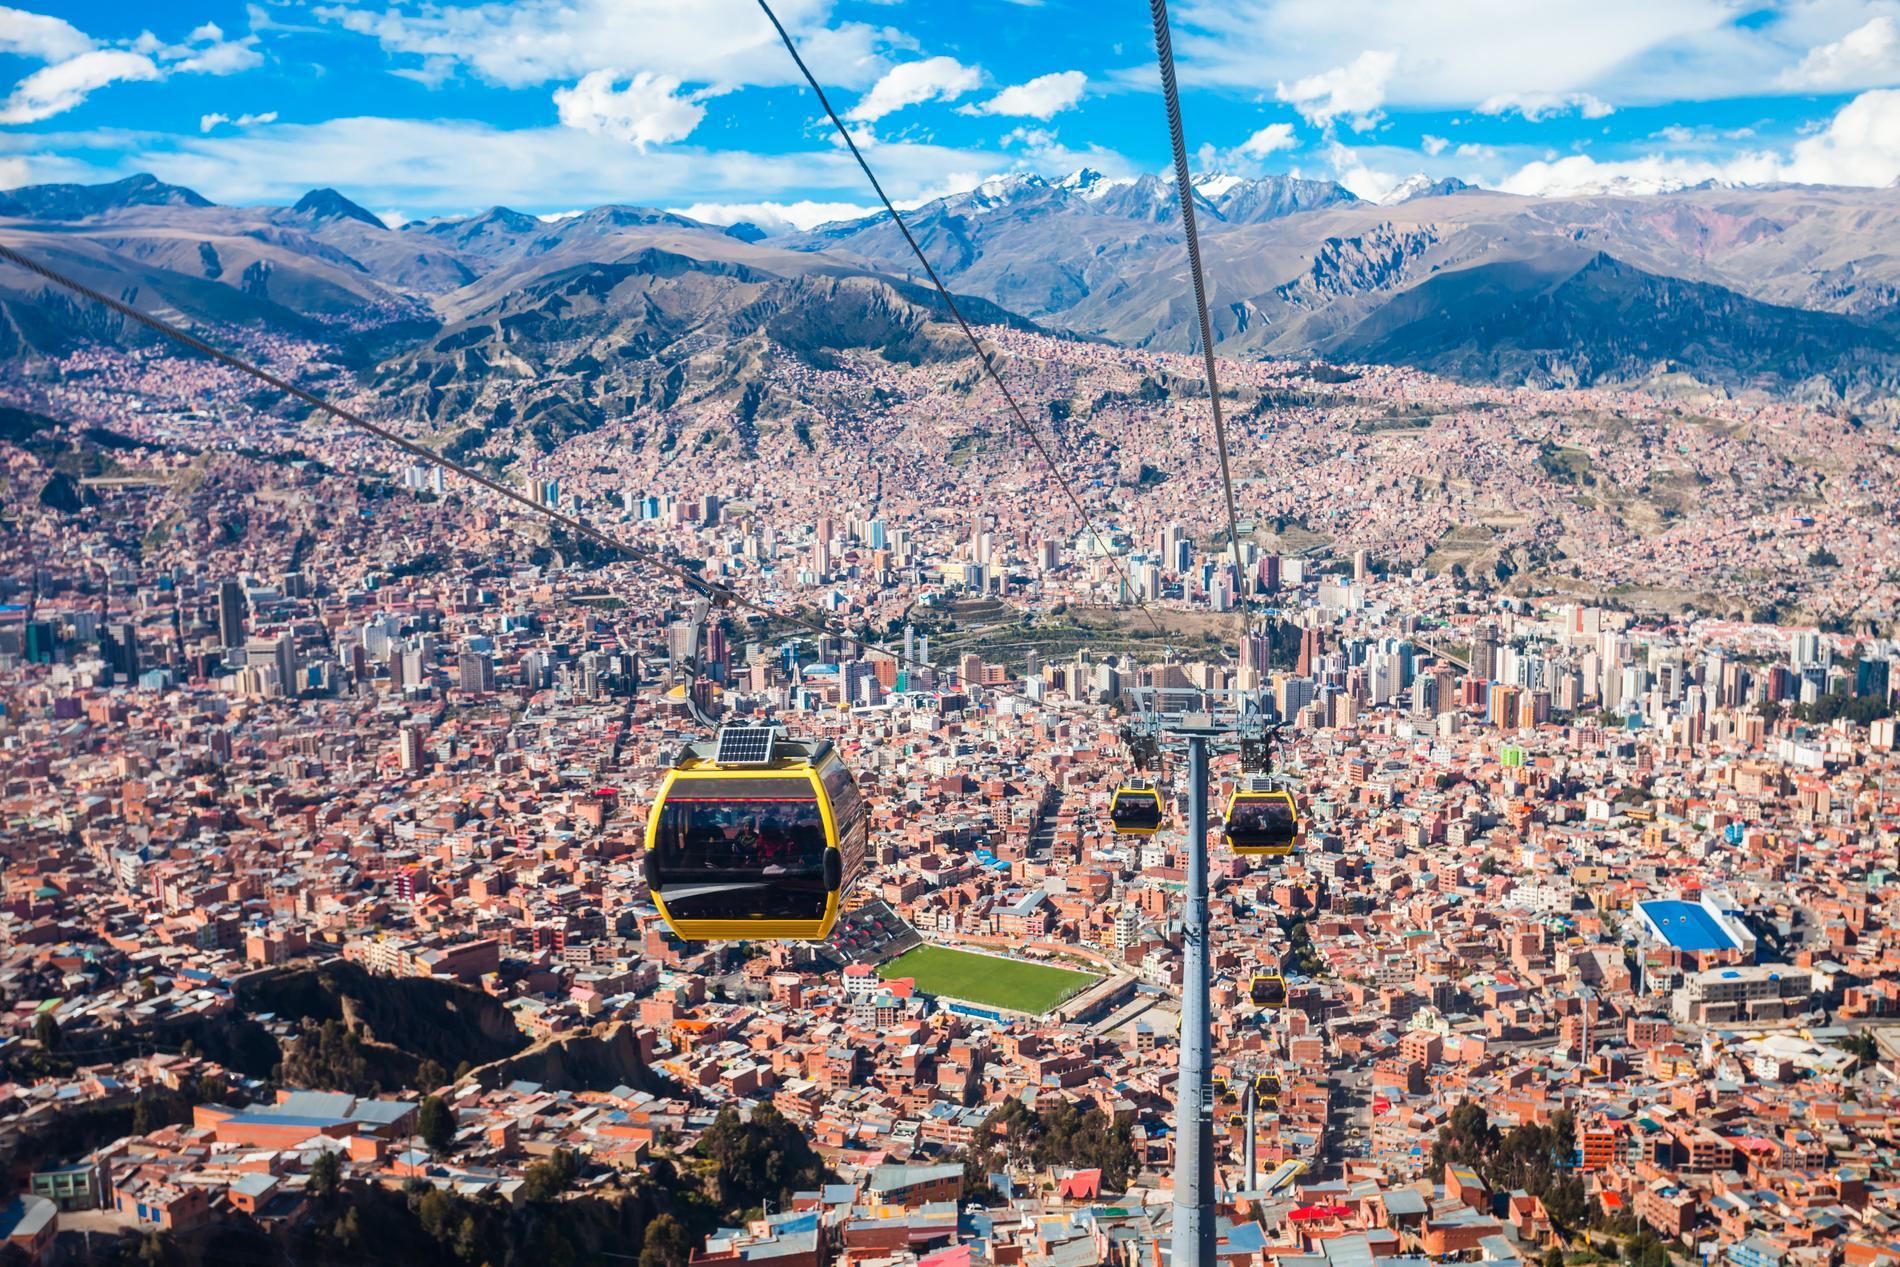 Världens längsta linbanesystem ligger i La Paz.